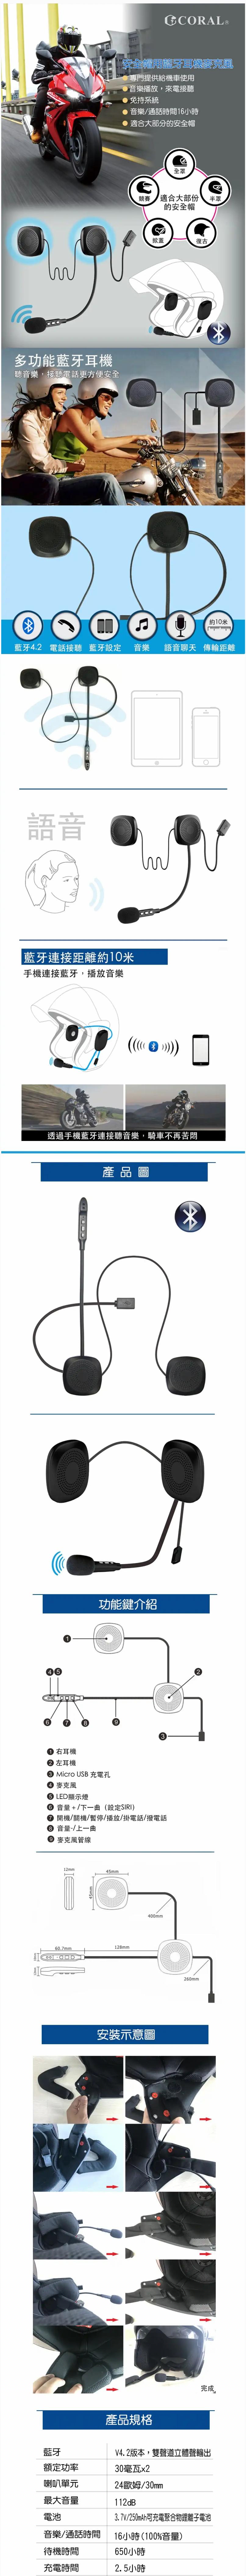 CORAL MT1 安全帽藍芽耳機麥克風_安全帽用藍芽耳麥_汽機車-影像-安全-輔助商品_東方開發實業股份有限公司